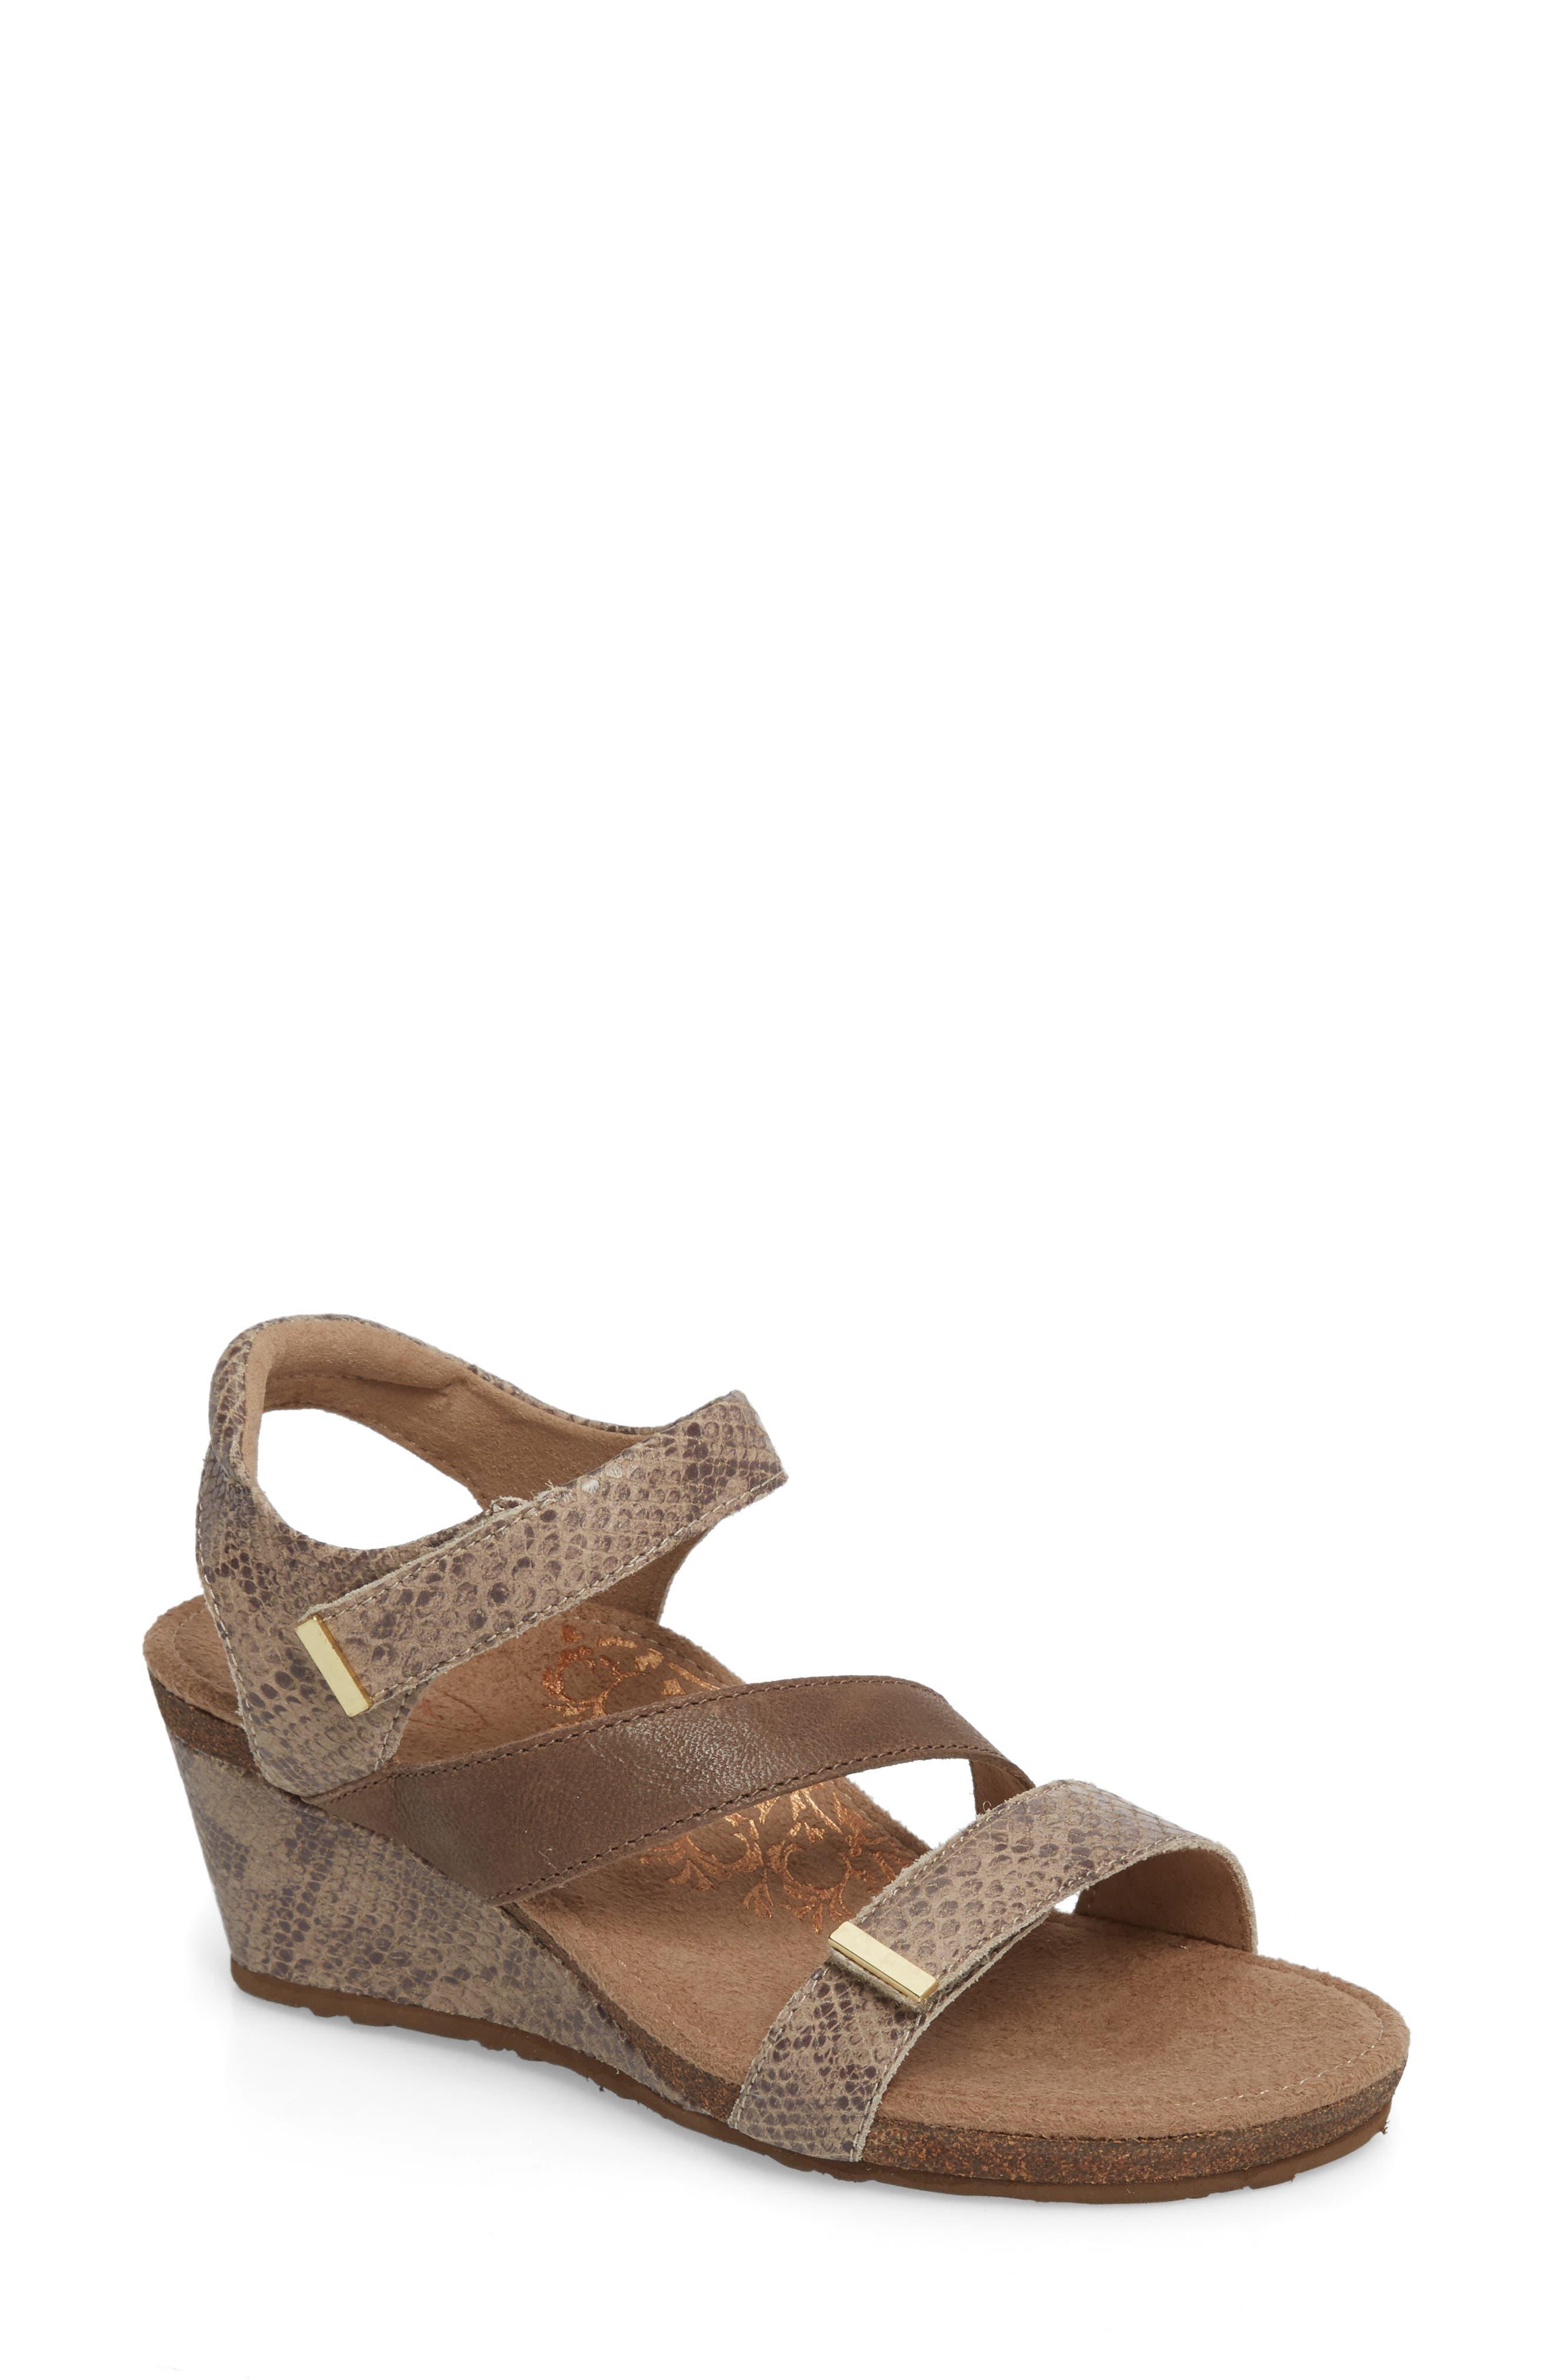 7b8743041 Aetrex Brynn Asymmetrical Wedge Sandal